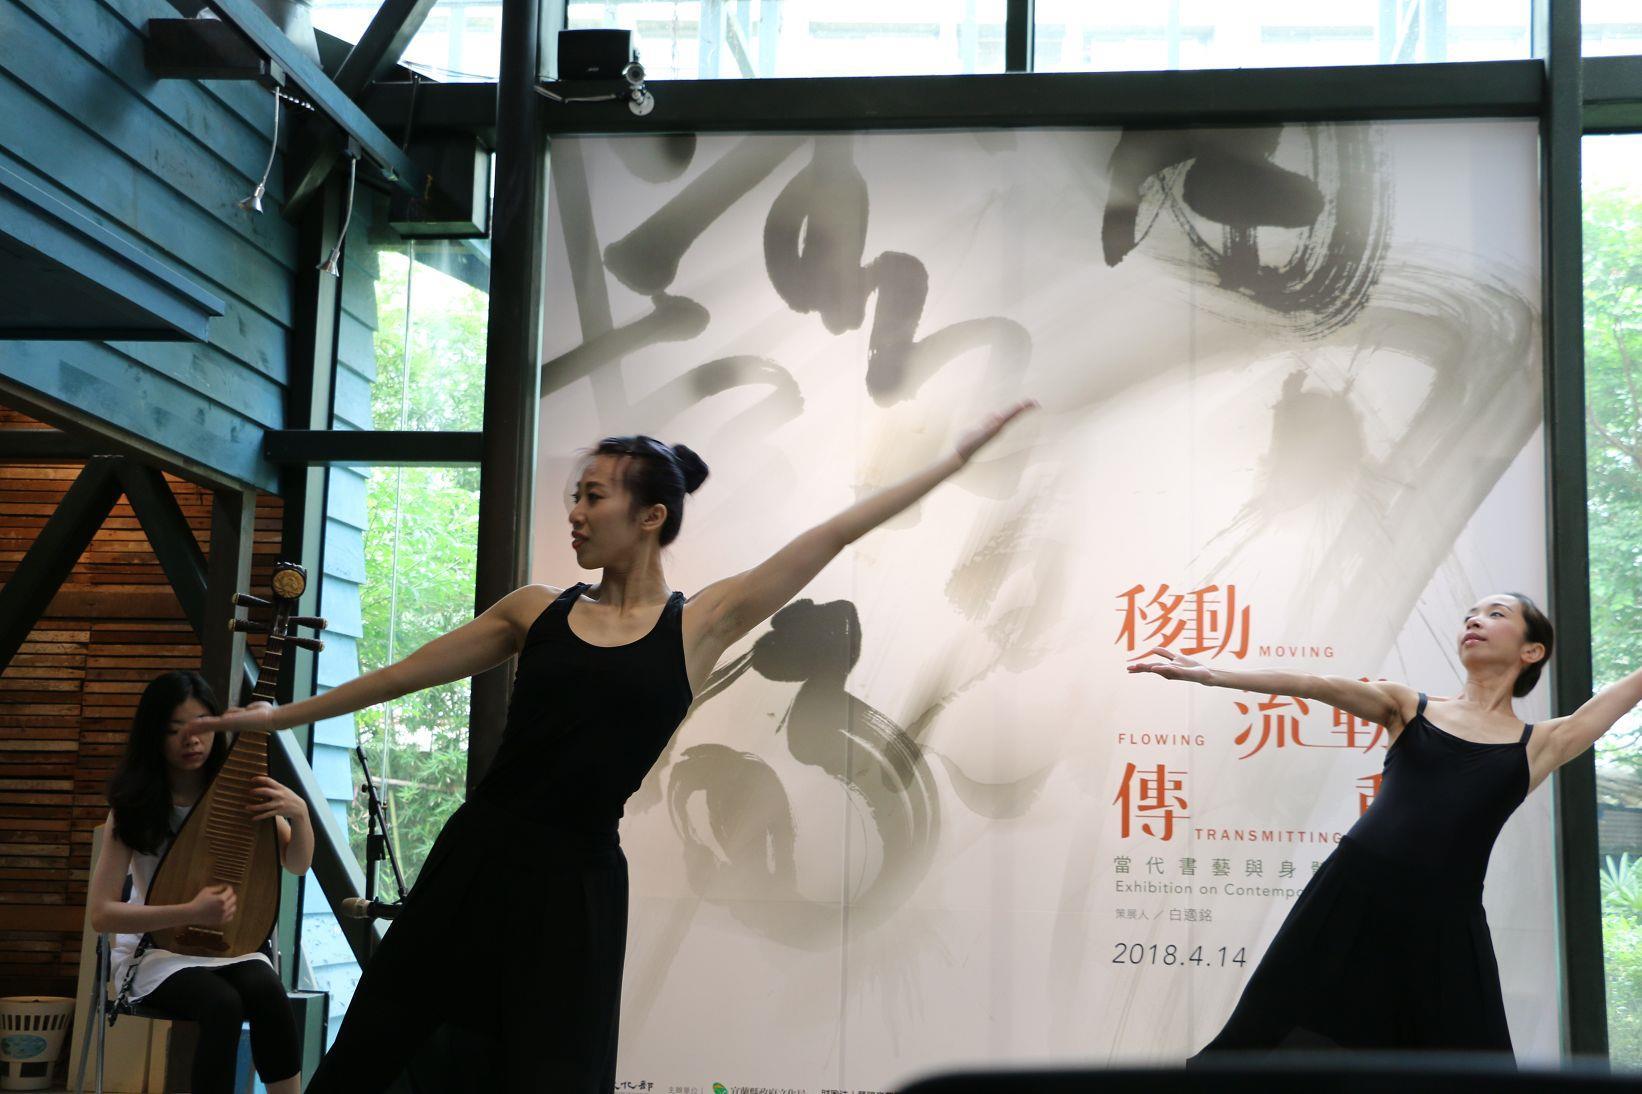 【移動流動傳動─當代書藝與身體動能展】開幕